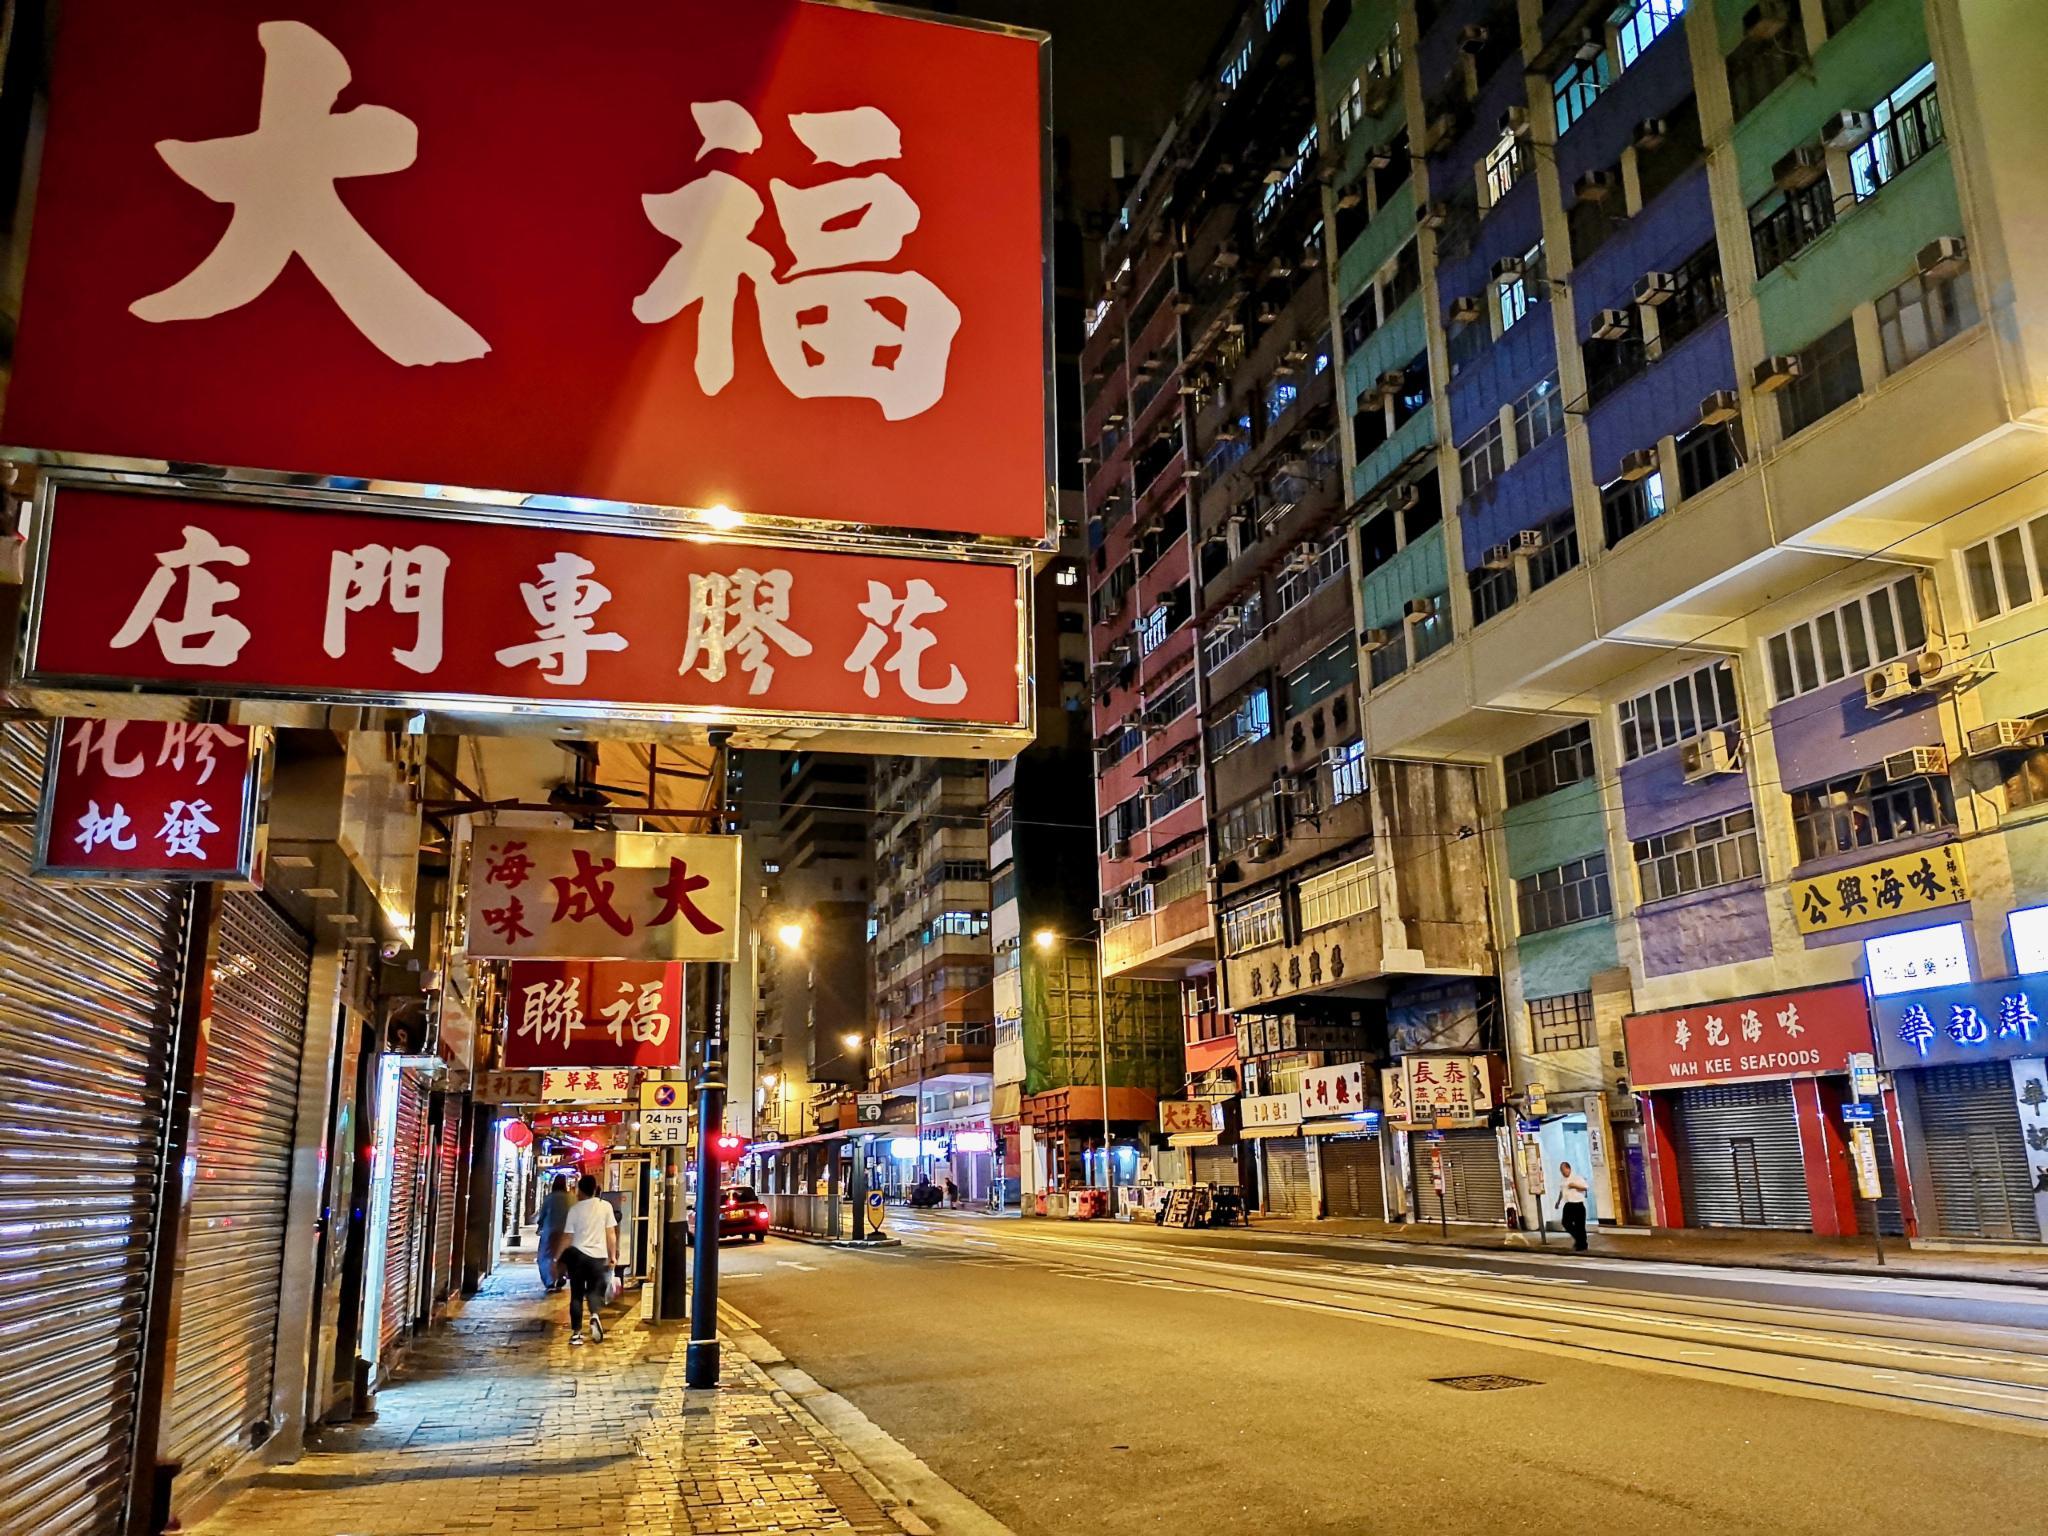 寻找港味,48小时遇见一个市井香港#写游记拿旅行基金#